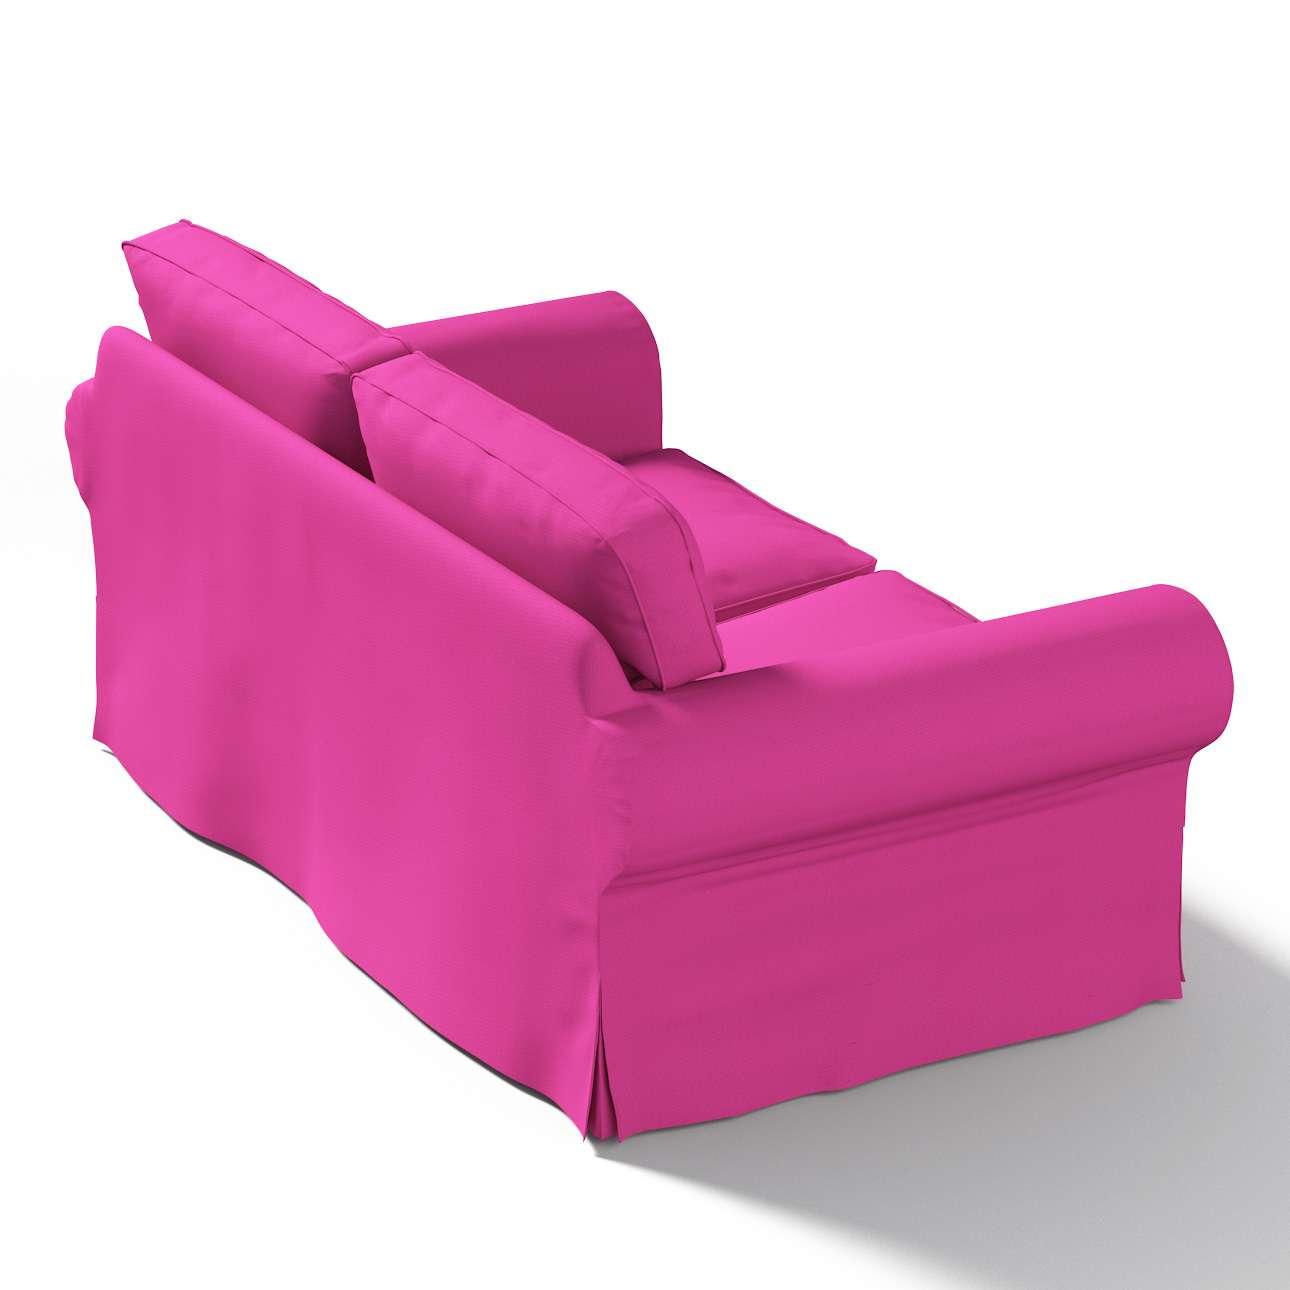 Ektorp dvivietės sofos užvalkalas Ektorp dvivietės sofos užvalkalas kolekcijoje Etna , audinys: 705-23